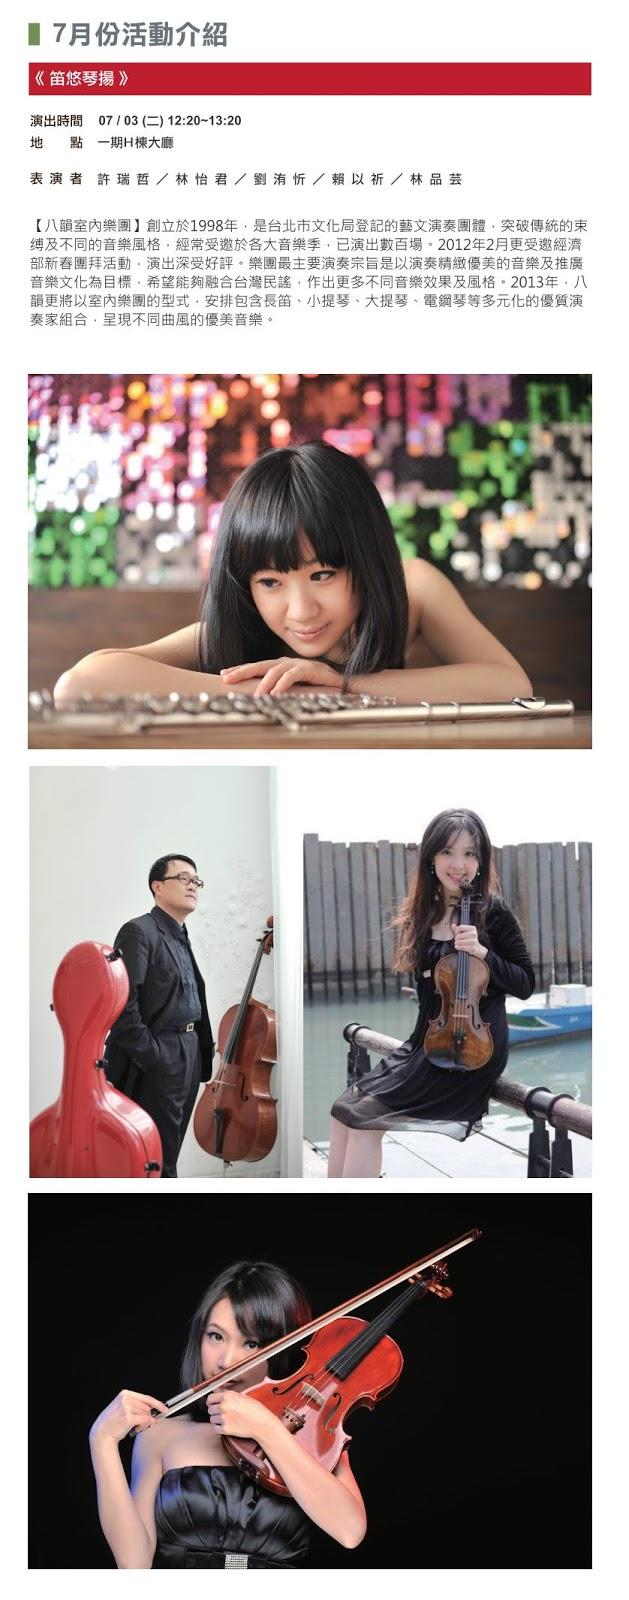 【八韻室內樂團】創立於1998年,是台北市文化局登記的藝文演奏團體,突破傳統的束缚及不同的音樂風格,以演奏精緻優美的音樂及推廣音樂文化為目標以融合台灣民謠,作出更多不同音樂效果及風格。2013年更將以室內樂團的型式,安排長笛、小提琴、大提琴、電鋼琴等多元化的優質演奏家組合,呈現不同曲風的優美音樂。